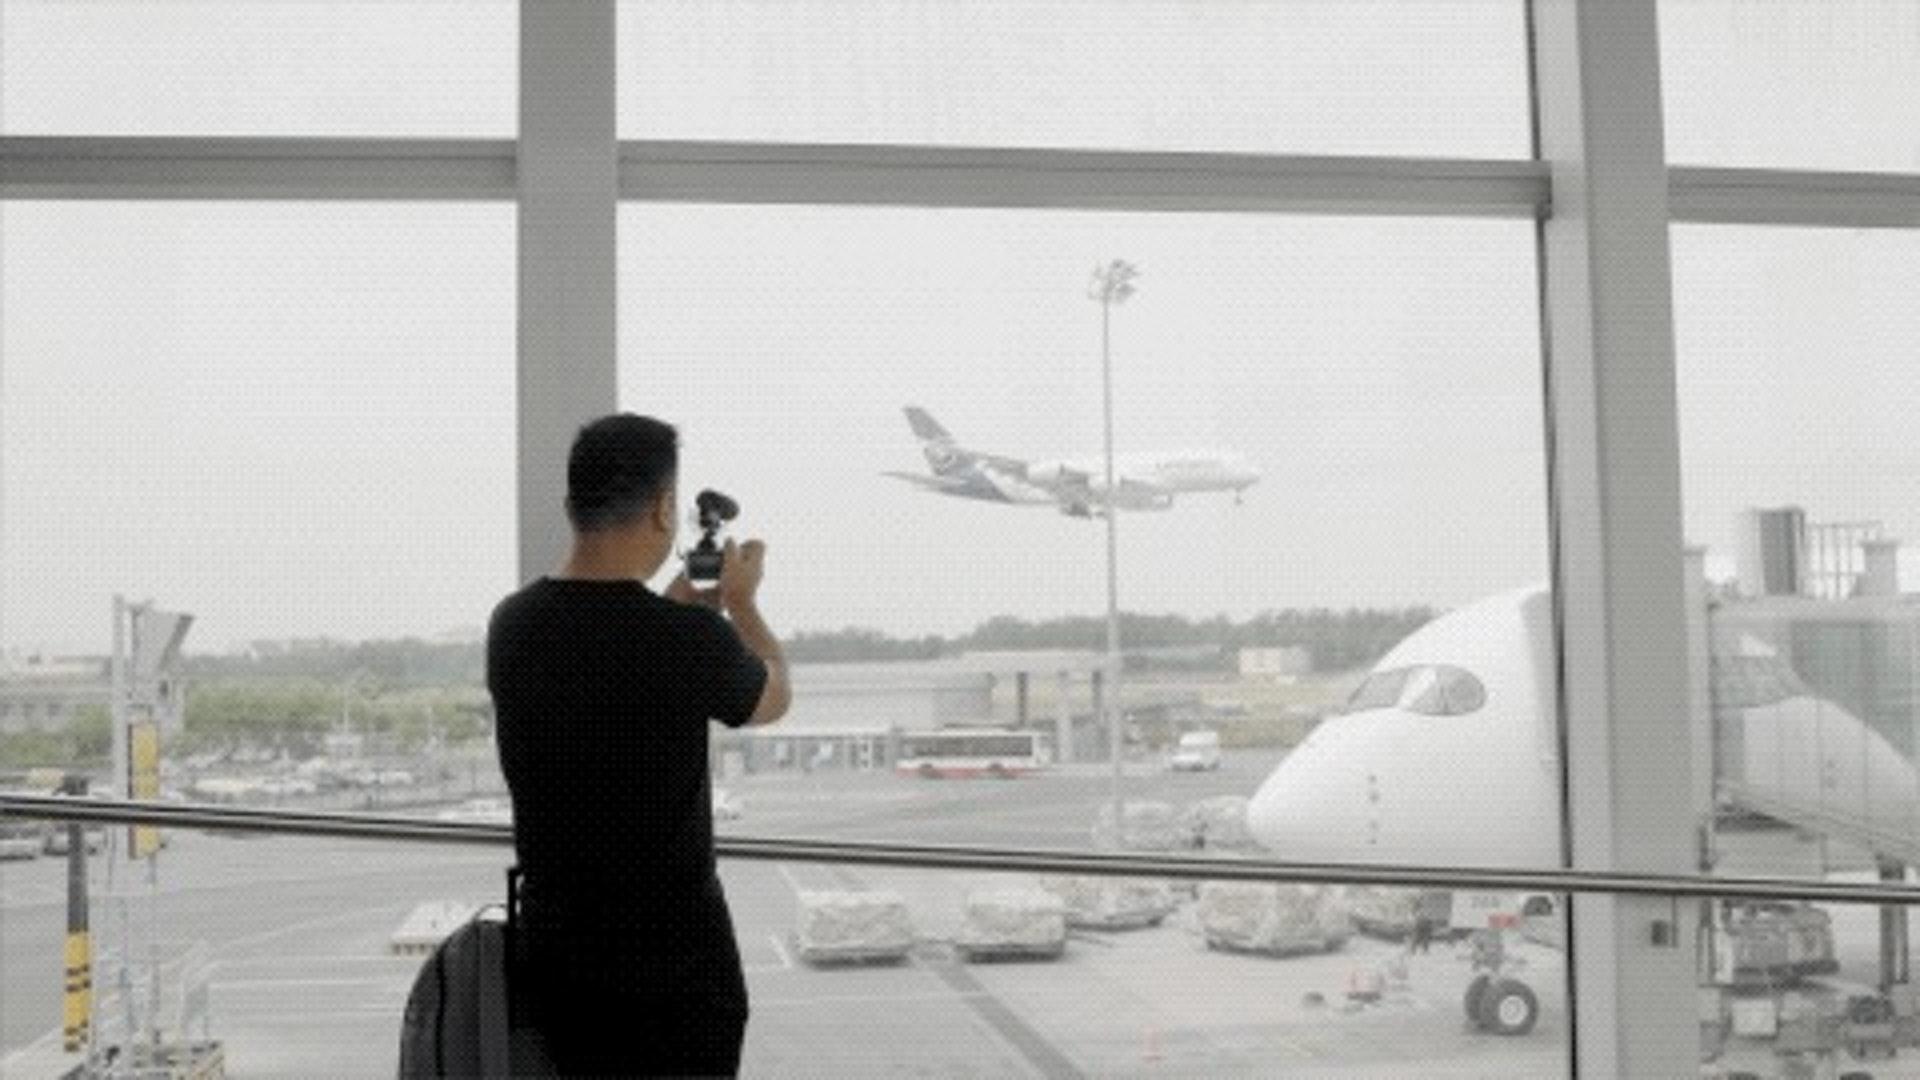 我比較獨立,十幾歲的時候已經把美國十幾個州遊遍了。也經常坐飛機,像空中飛人一樣,慢慢地也拿到了航空公司常旅客計劃的銀卡、金卡。當時已經很喜歡飛行的感覺了。(一条授權使用)